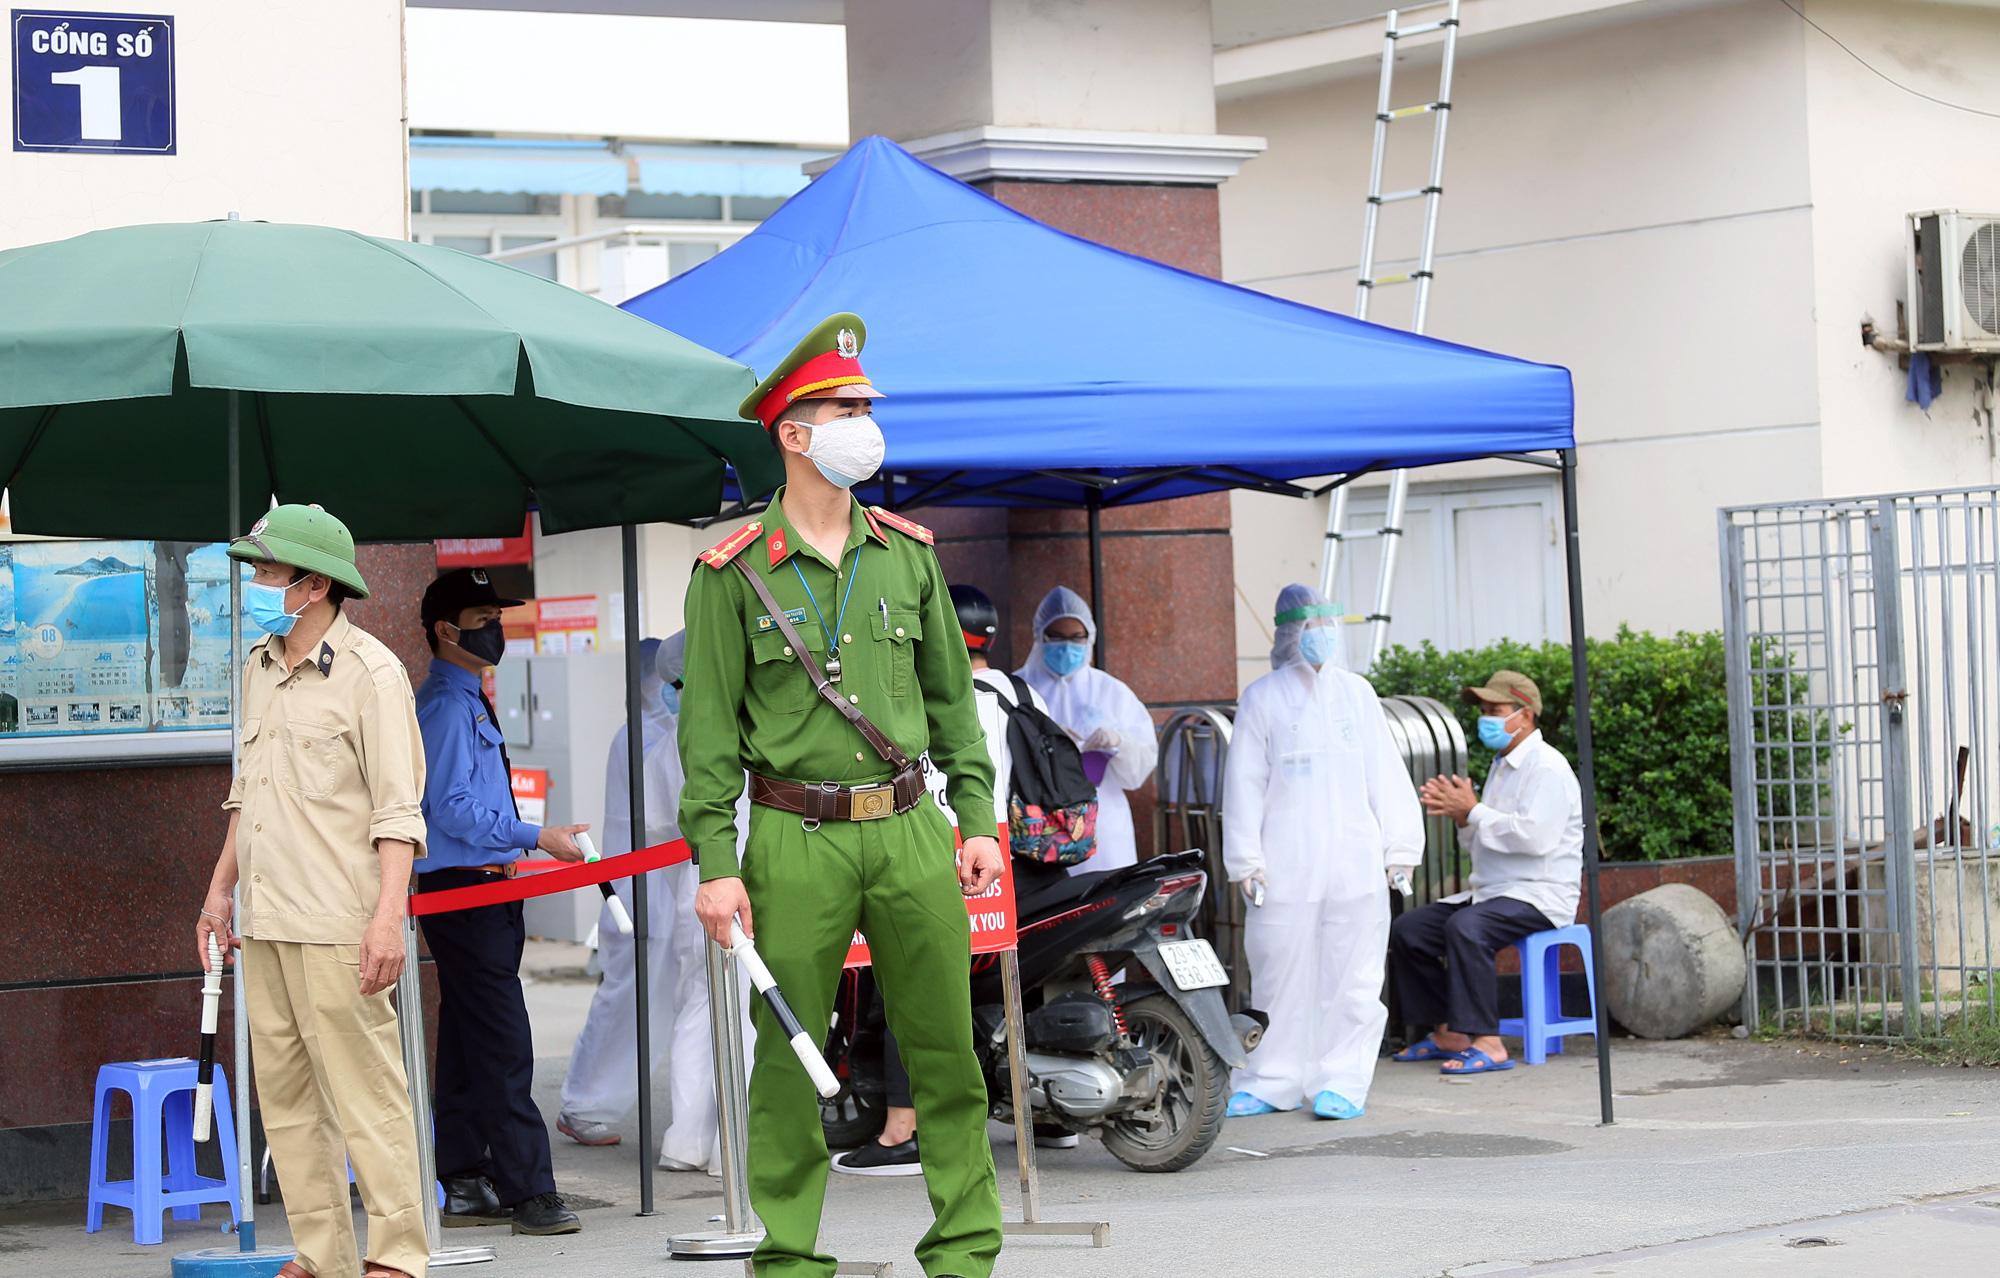 Kiểm soát người ra vào bệnh viện Bạch Mai sau khi phát hiện nhiều ca nhiễm Covid-19 - Ảnh 11.